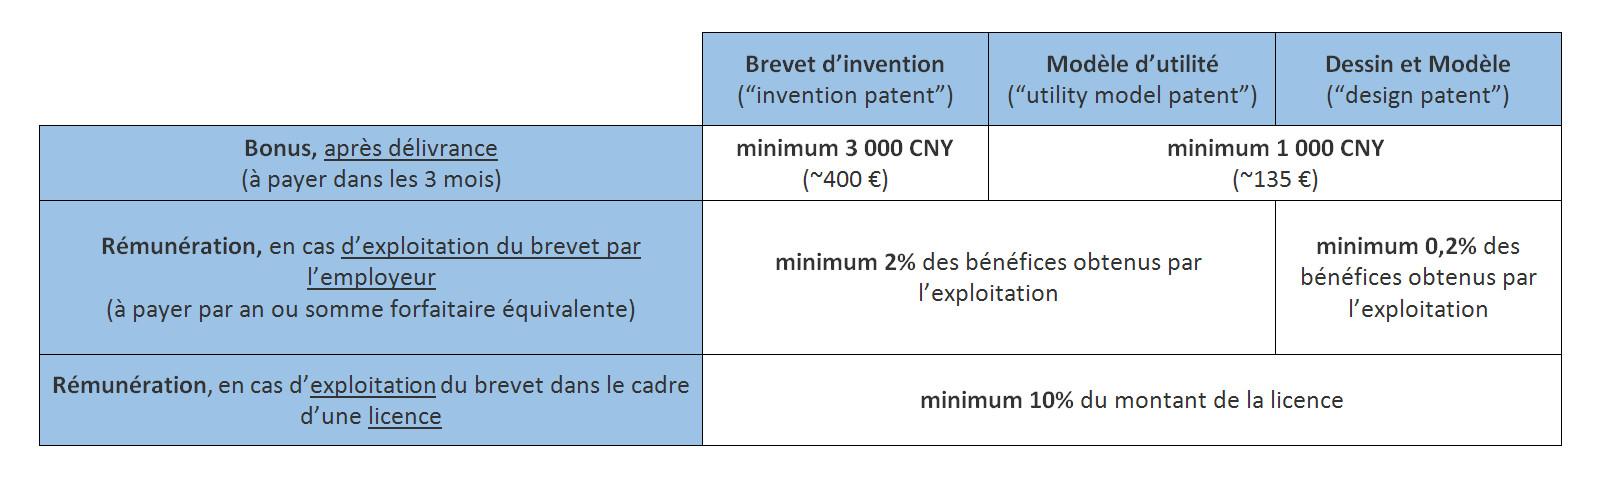 Regime actuel - Montant minimum de bonus et pourcentage minimum de remuneration